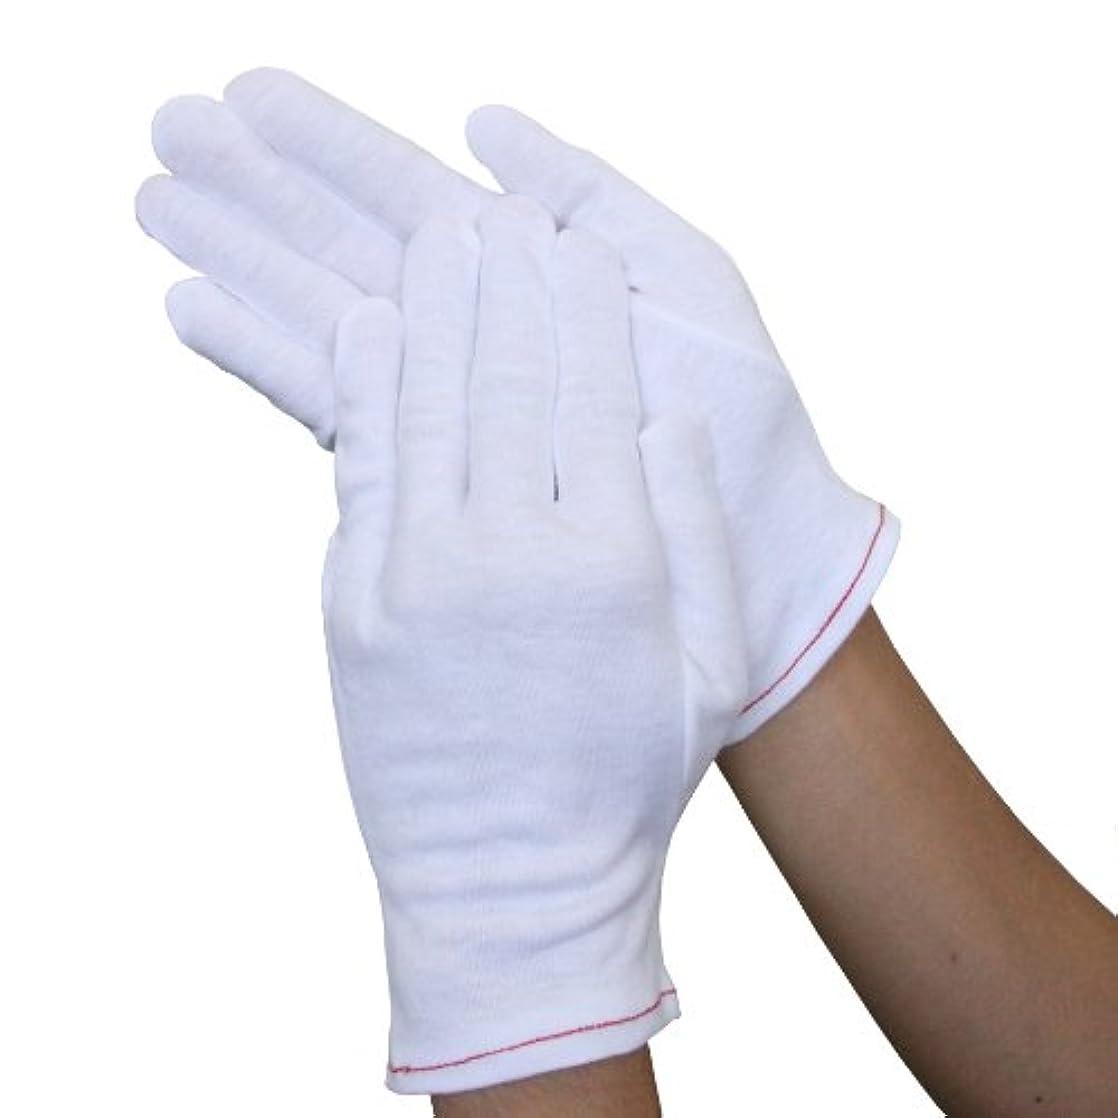 口亡命研究ウインセス 【心地よい肌触り/おやすみ手袋】 綿100%手袋 (1双) (S)